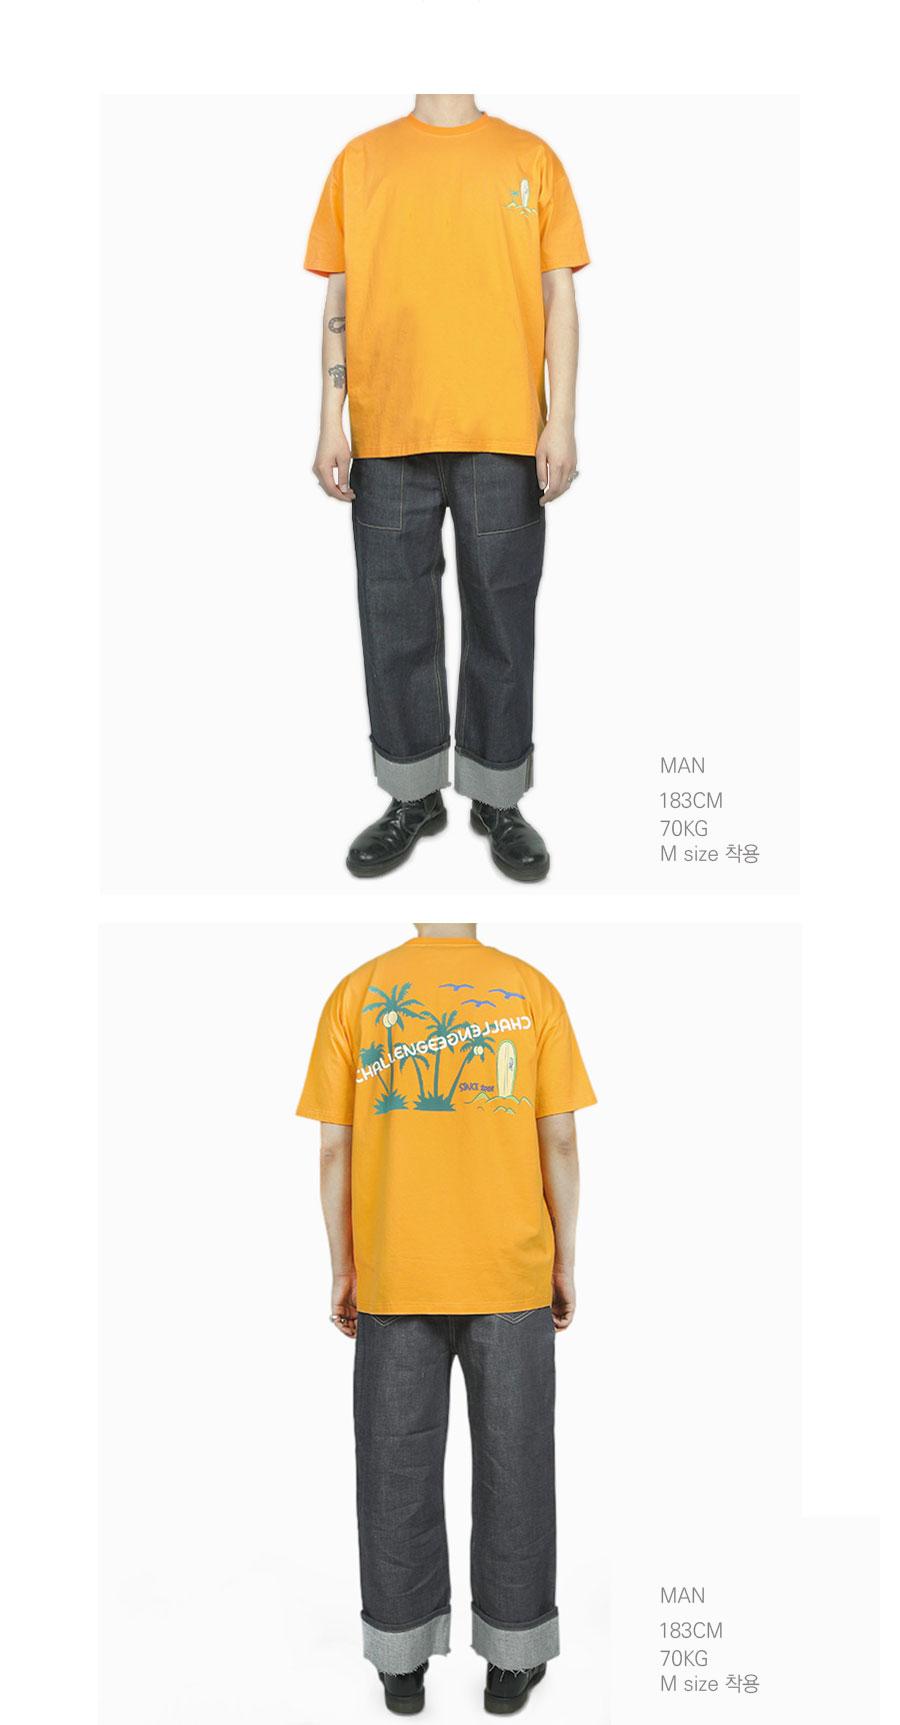 XTT026 코코넛 반팔 티셔츠 (ORANGE)